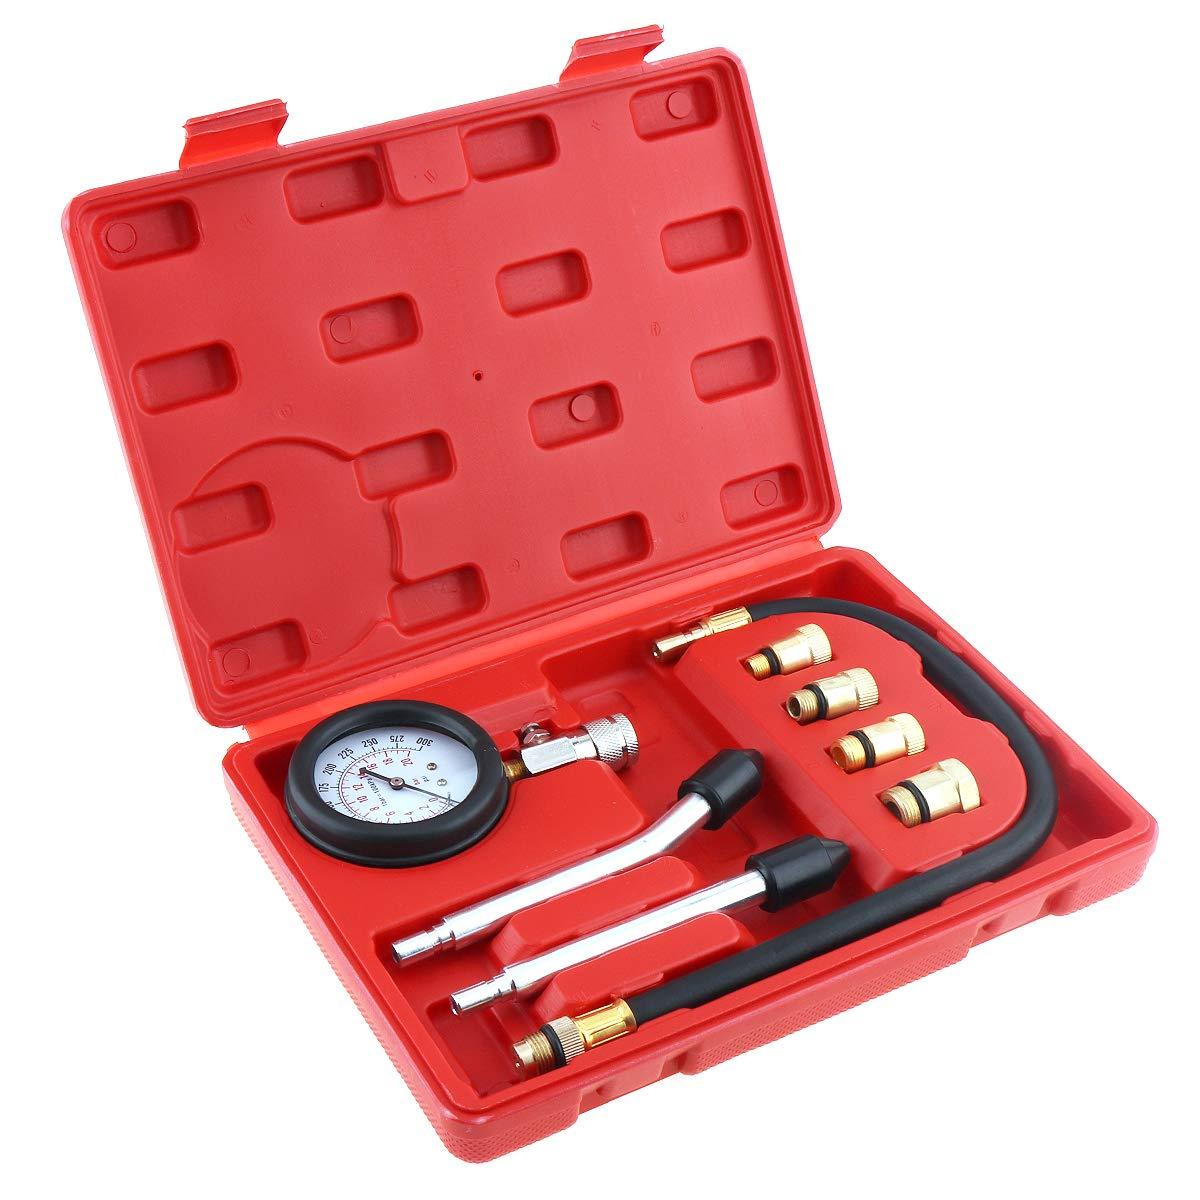 ePathChina/® Portatile Universale Motore Cilindro Compressione Pressione Tester Test Kit Gauge Lettura diagnostica Strumenti per Auto e Moto